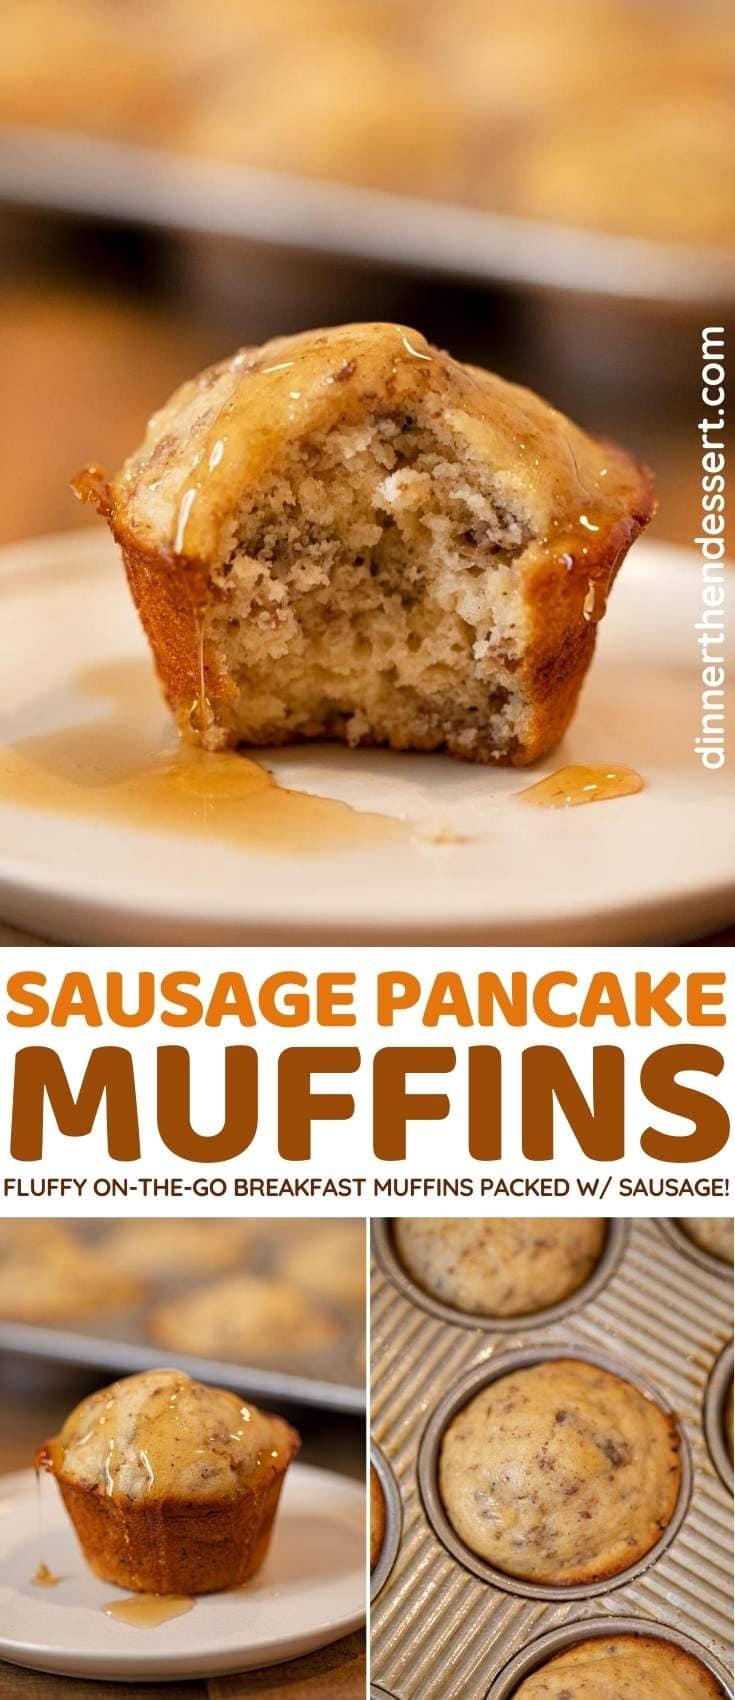 Sausage Pancake Muffins collage